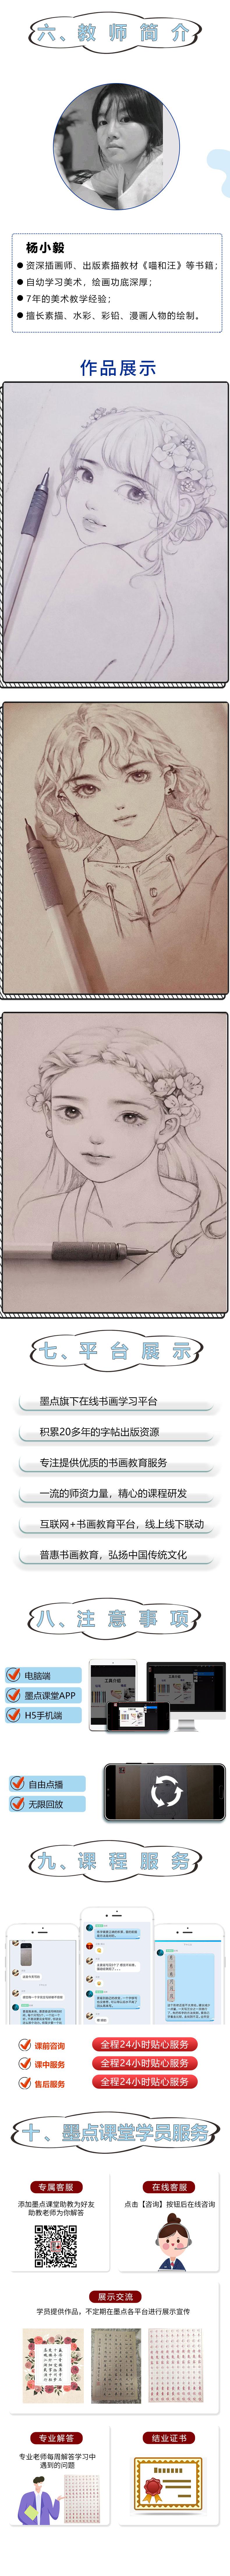 美少女手绘线稿22.jpg